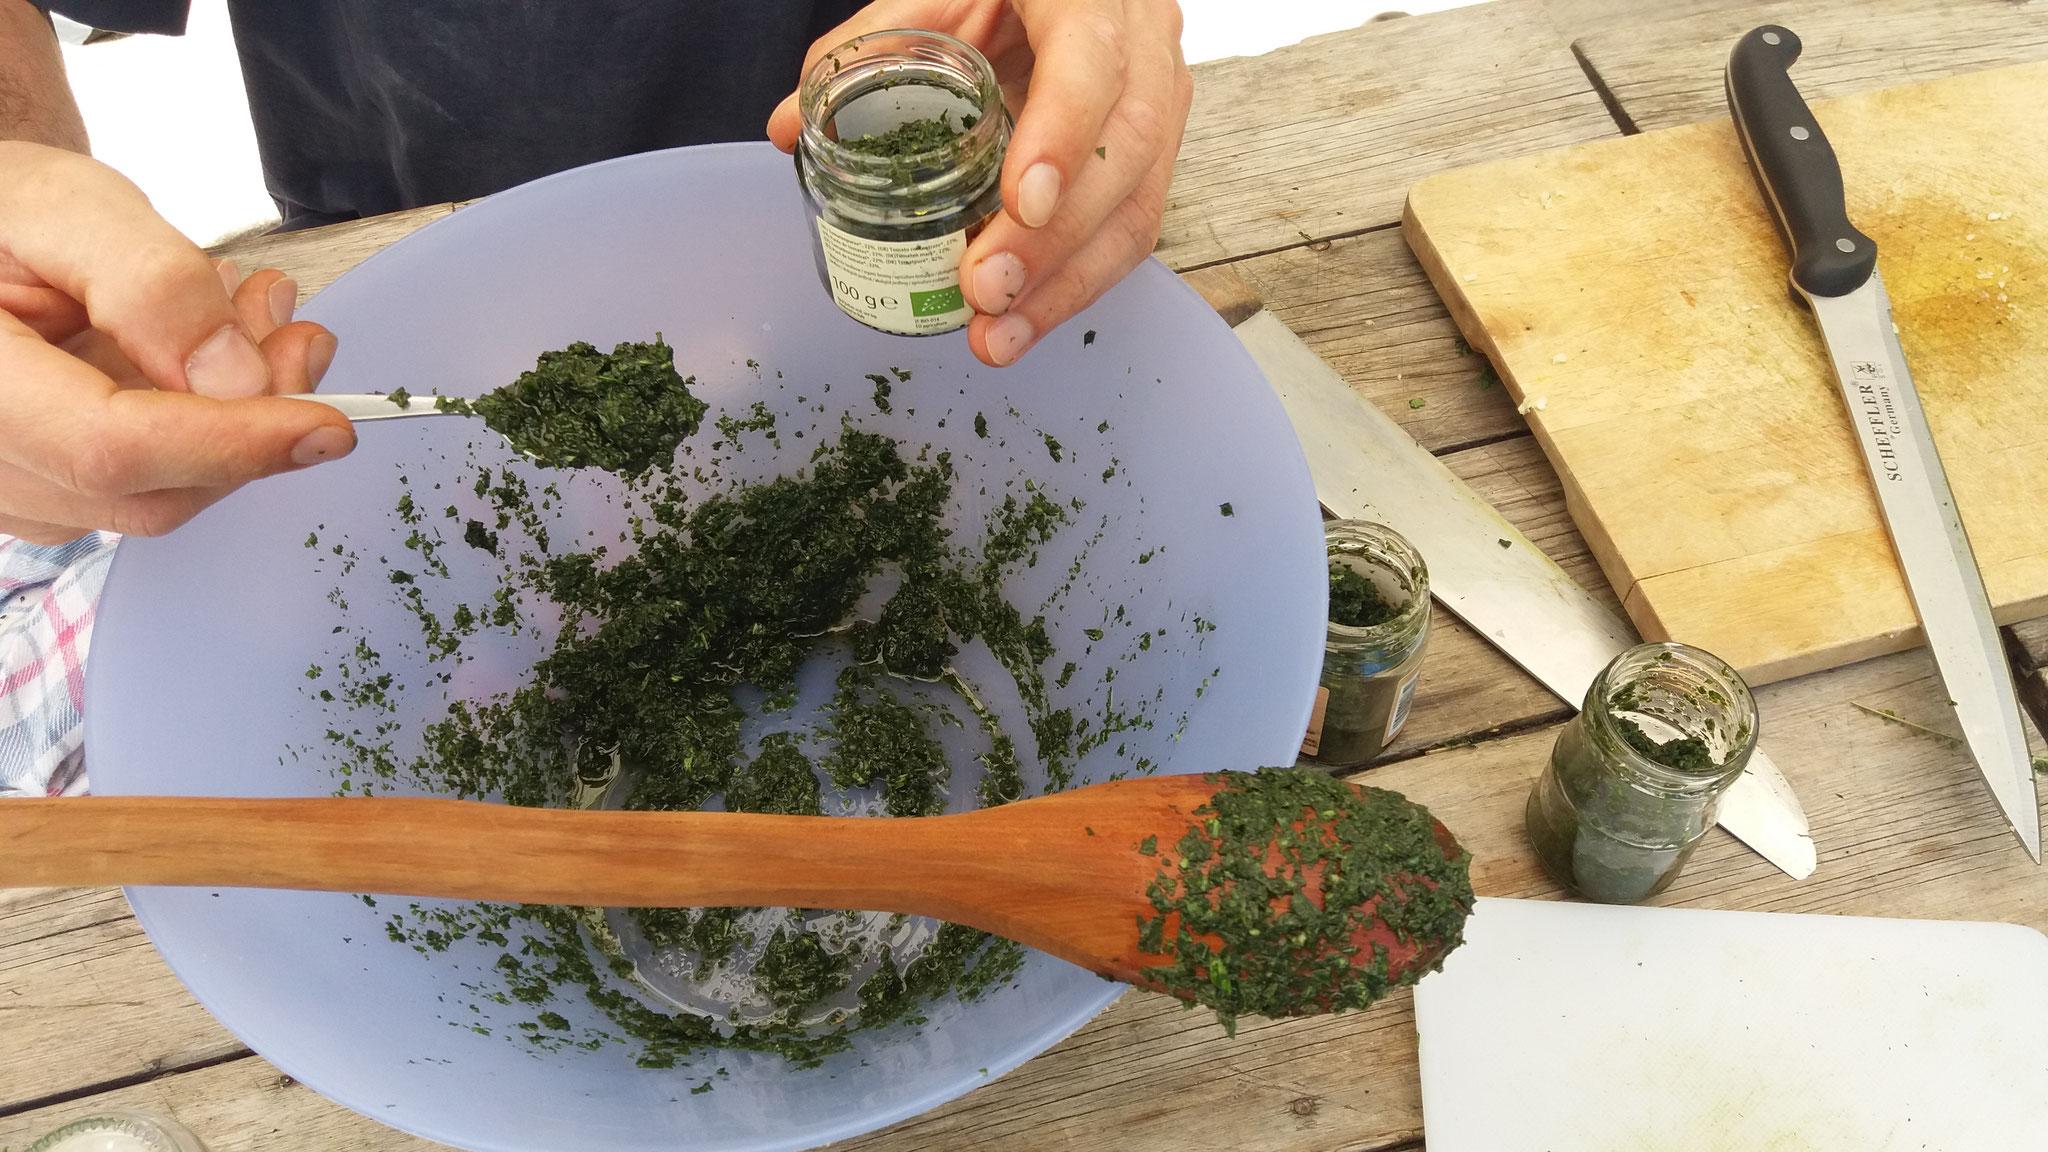 confection d'un pesto plantain/fannes de carottes sauvages